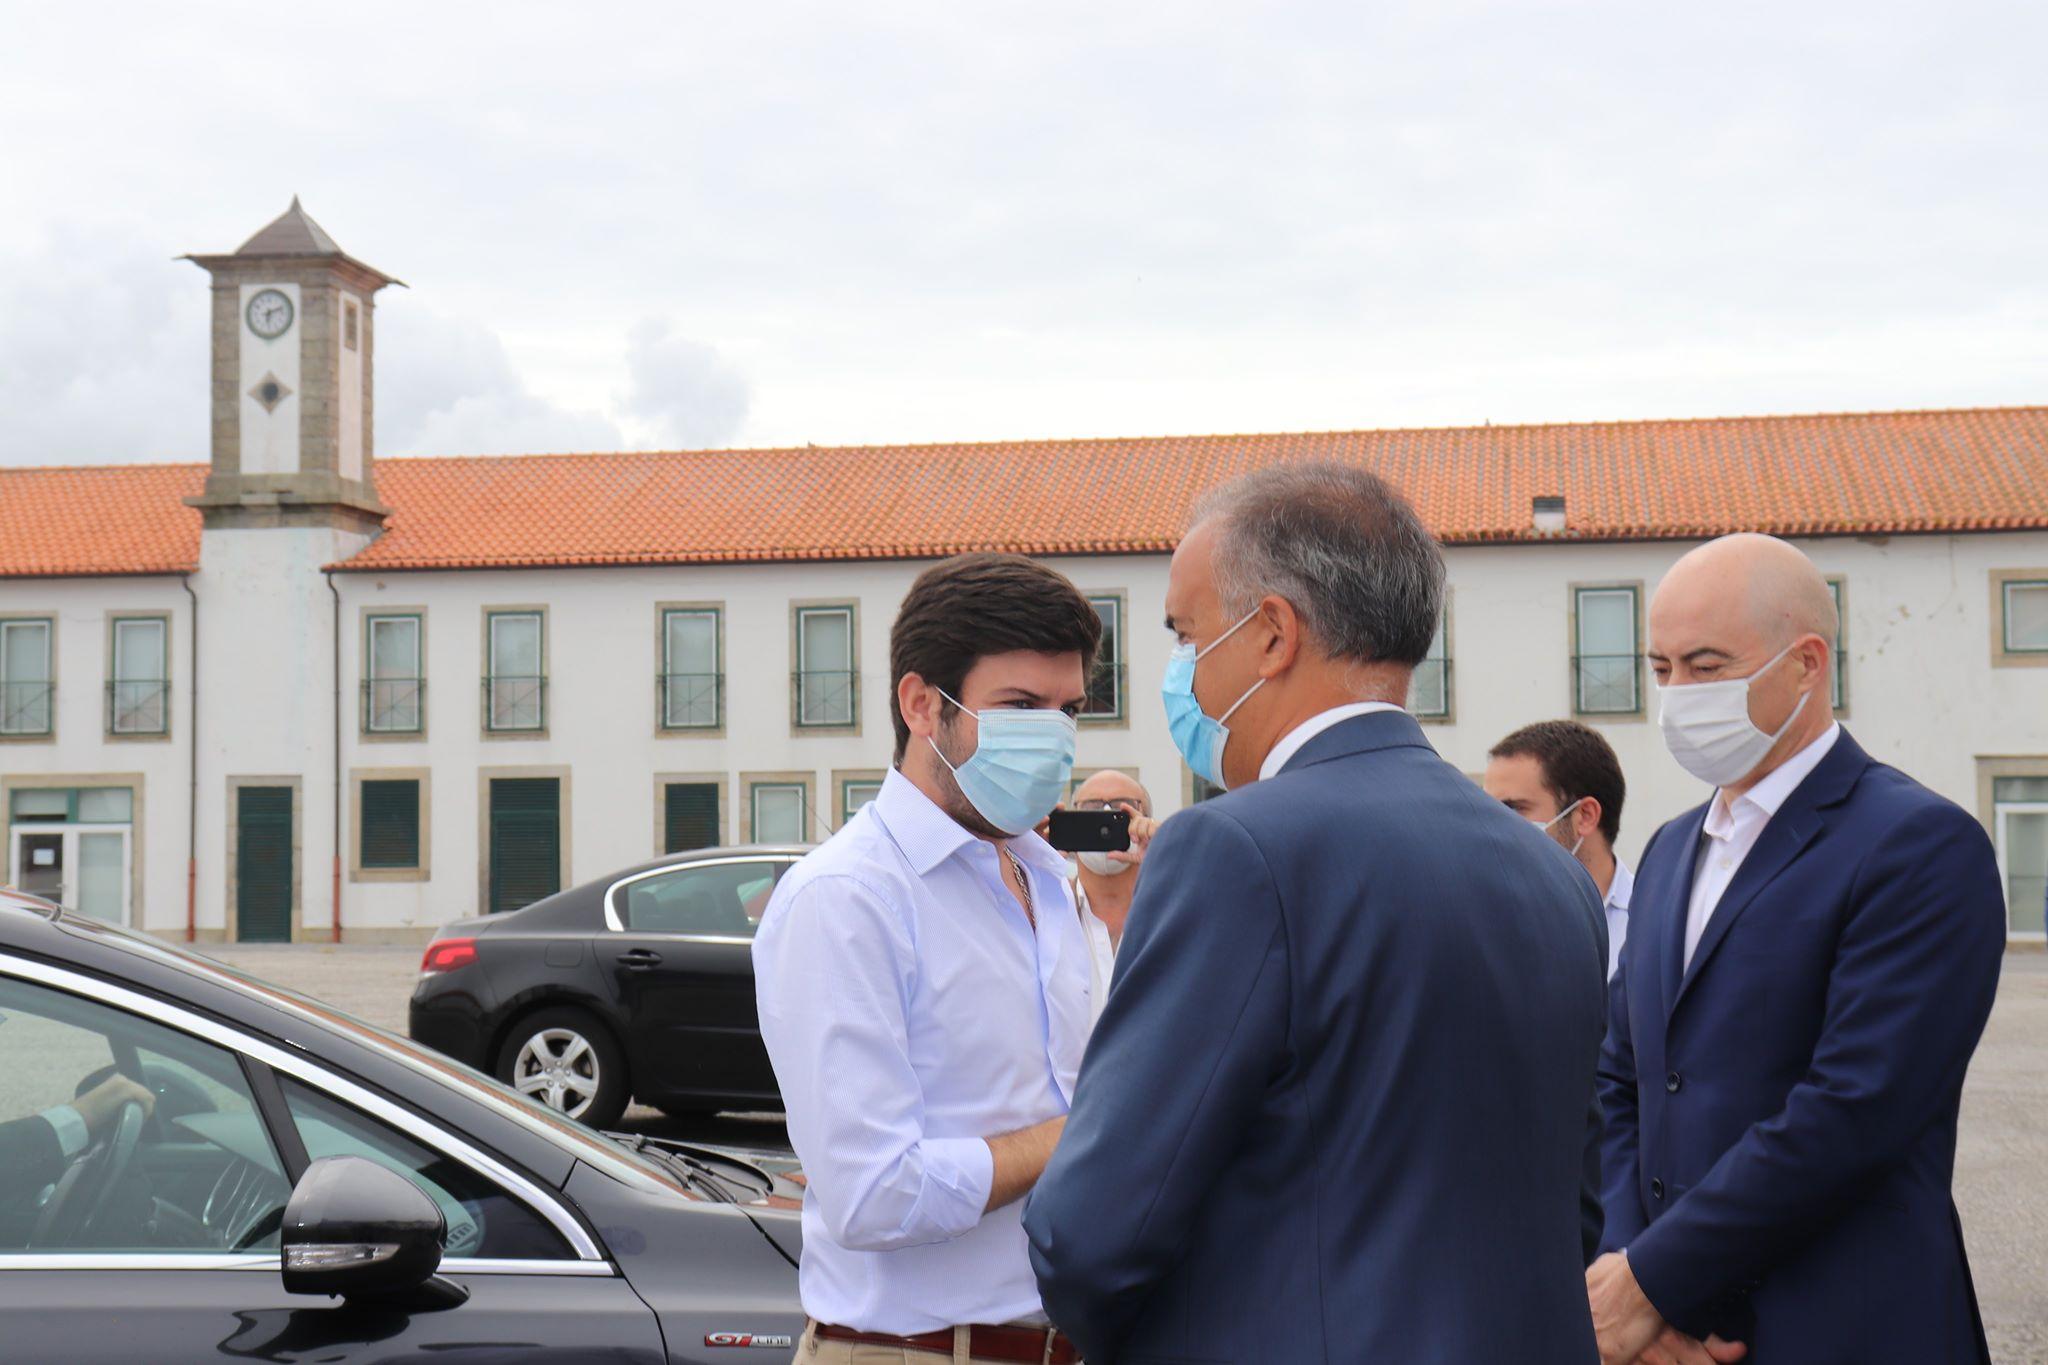 Líder do CDS defende em Viana do Castelo campanha nacional que apele ao turismo interno